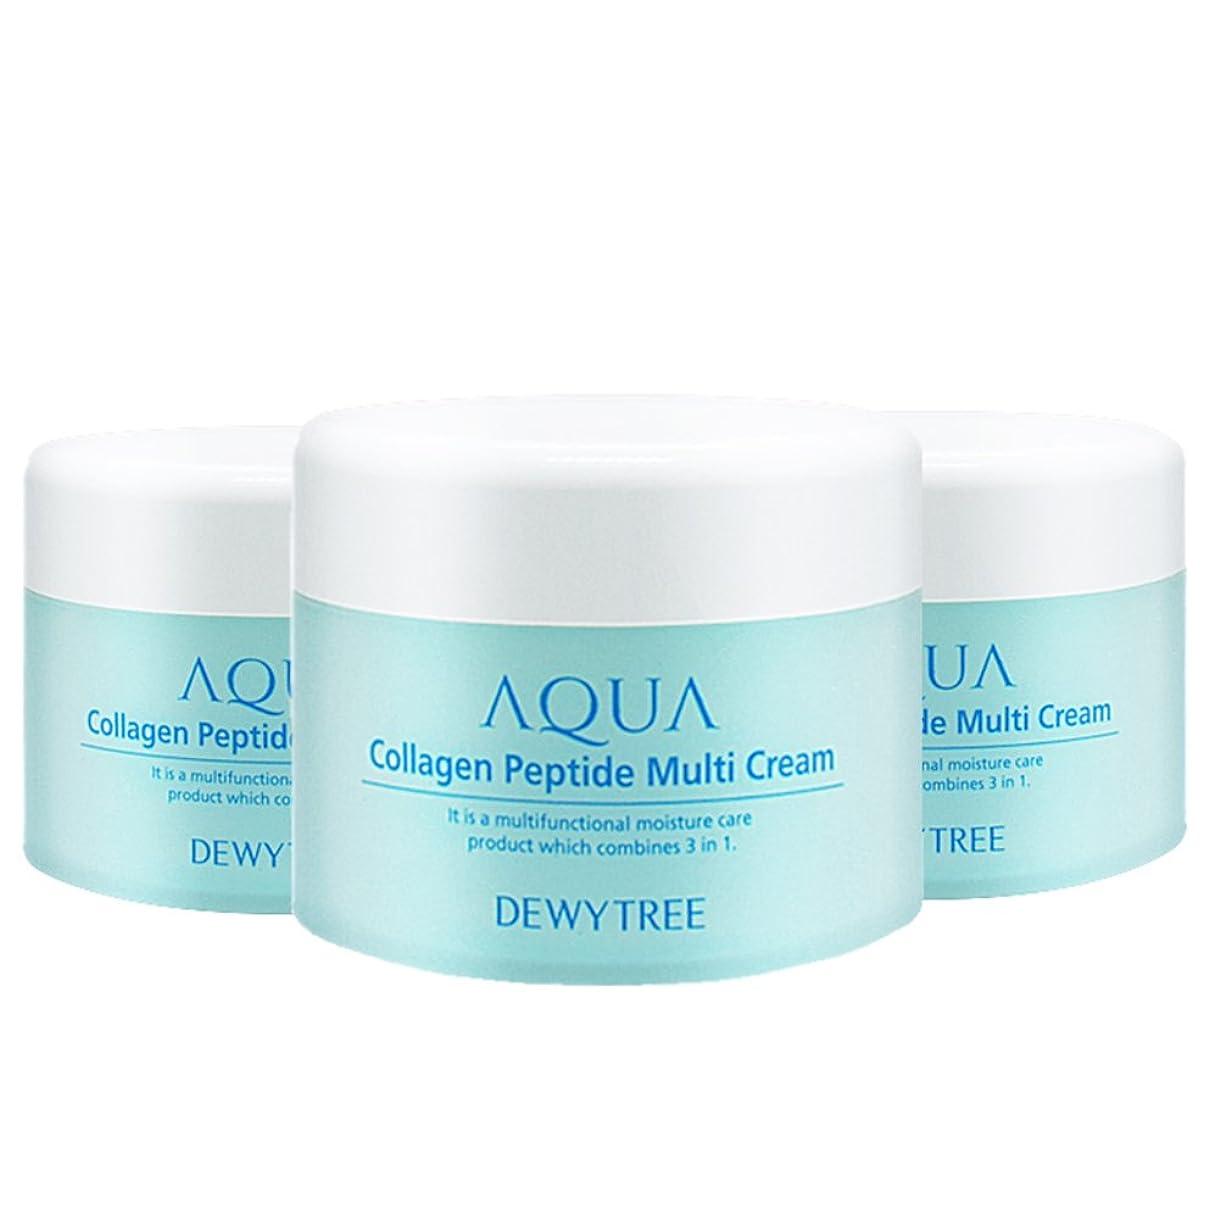 絶滅した大宇宙七面鳥(3個セット) x [Dewytree] デュイトゥリー アクアコラーゲン ペプチド マルチクリーム Aqua Collagen Peptide Multi Cream (50ml x 3) / [並行輸入品]